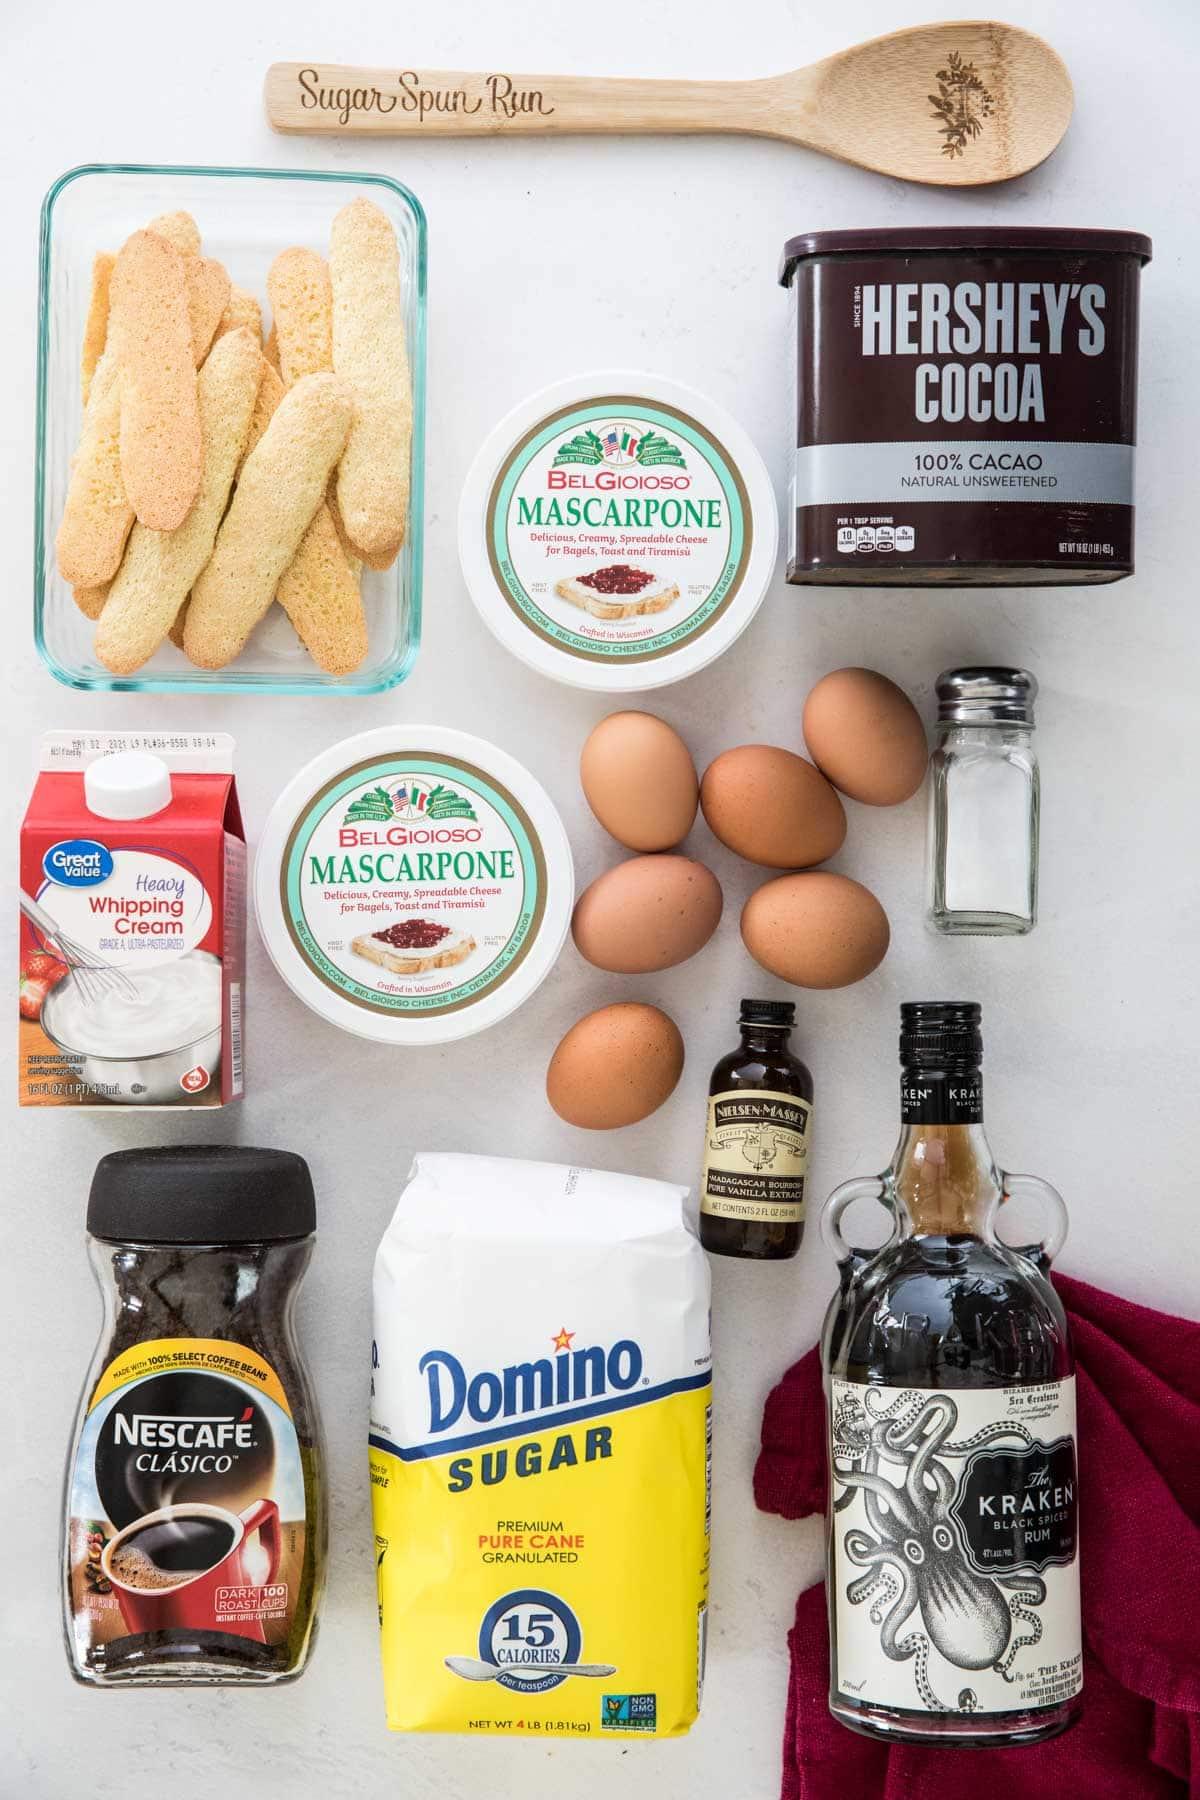 ingredients for tiramisu: ladyfingers, mascarpone, cocoa, cream, eggs, salt, vanilla, instant coffee, sugar, rum